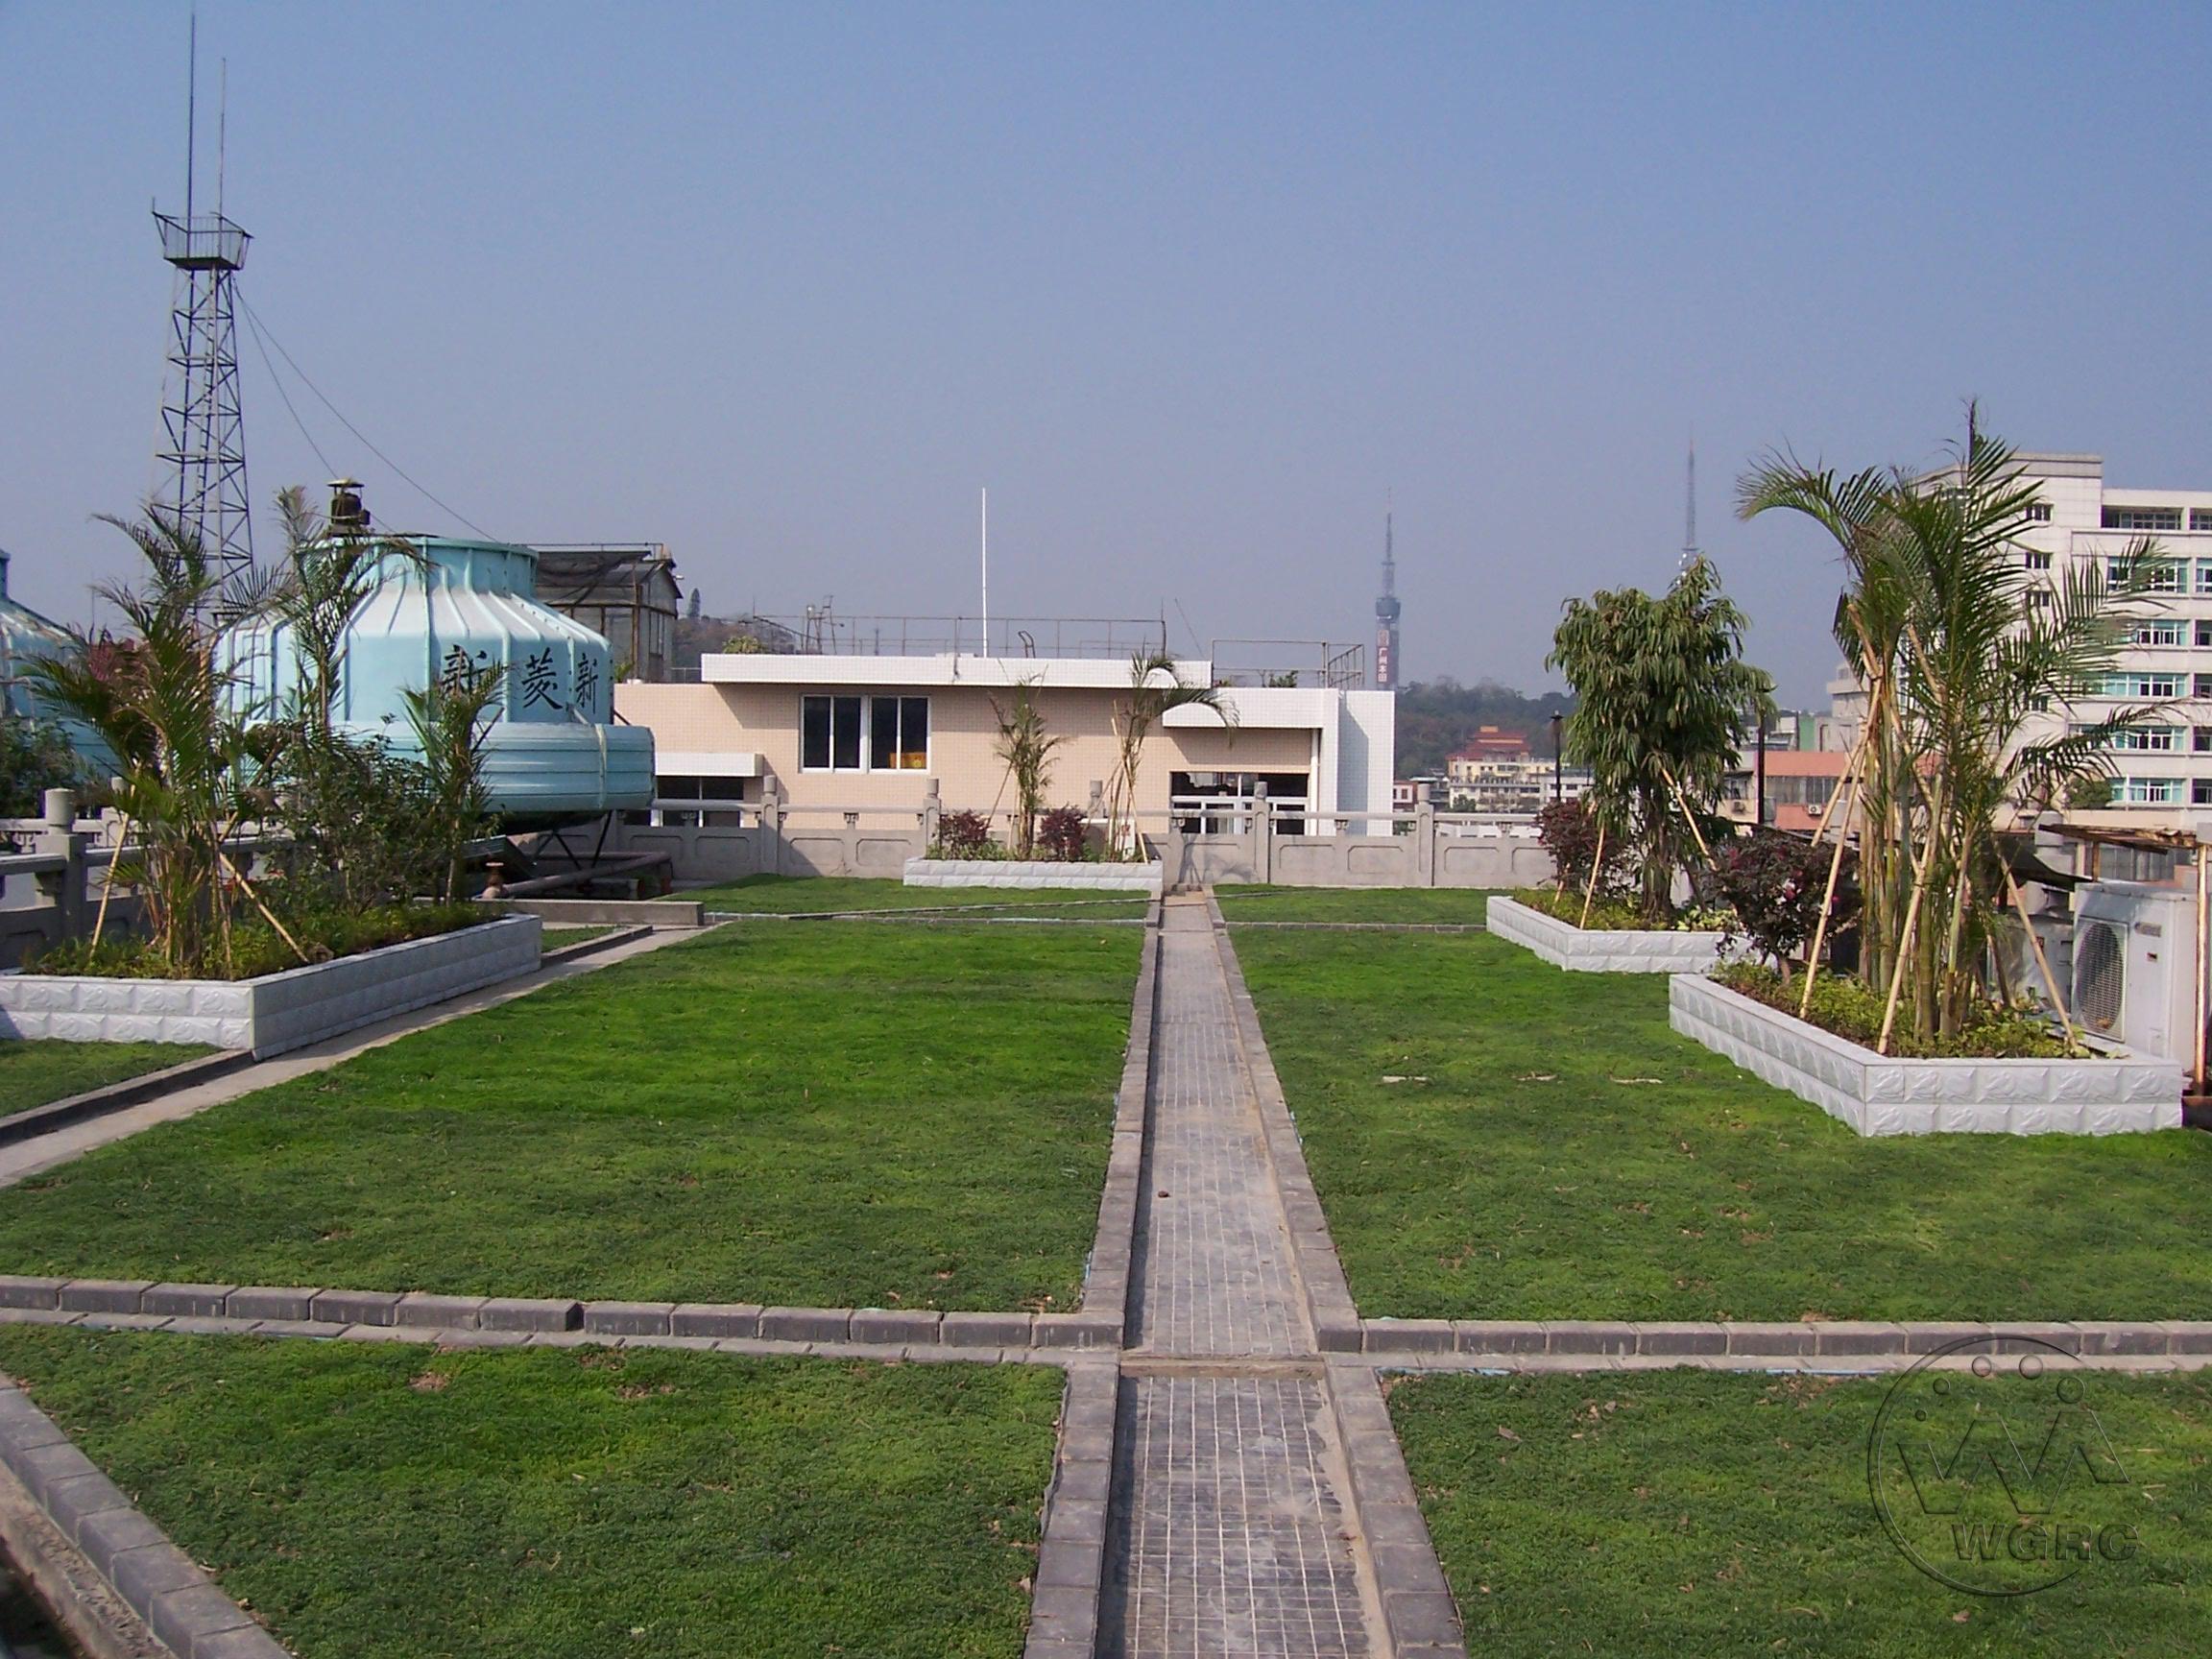 广州市 北京/广州市屋顶绿化现状/ 园林资讯/ 中国园林网...